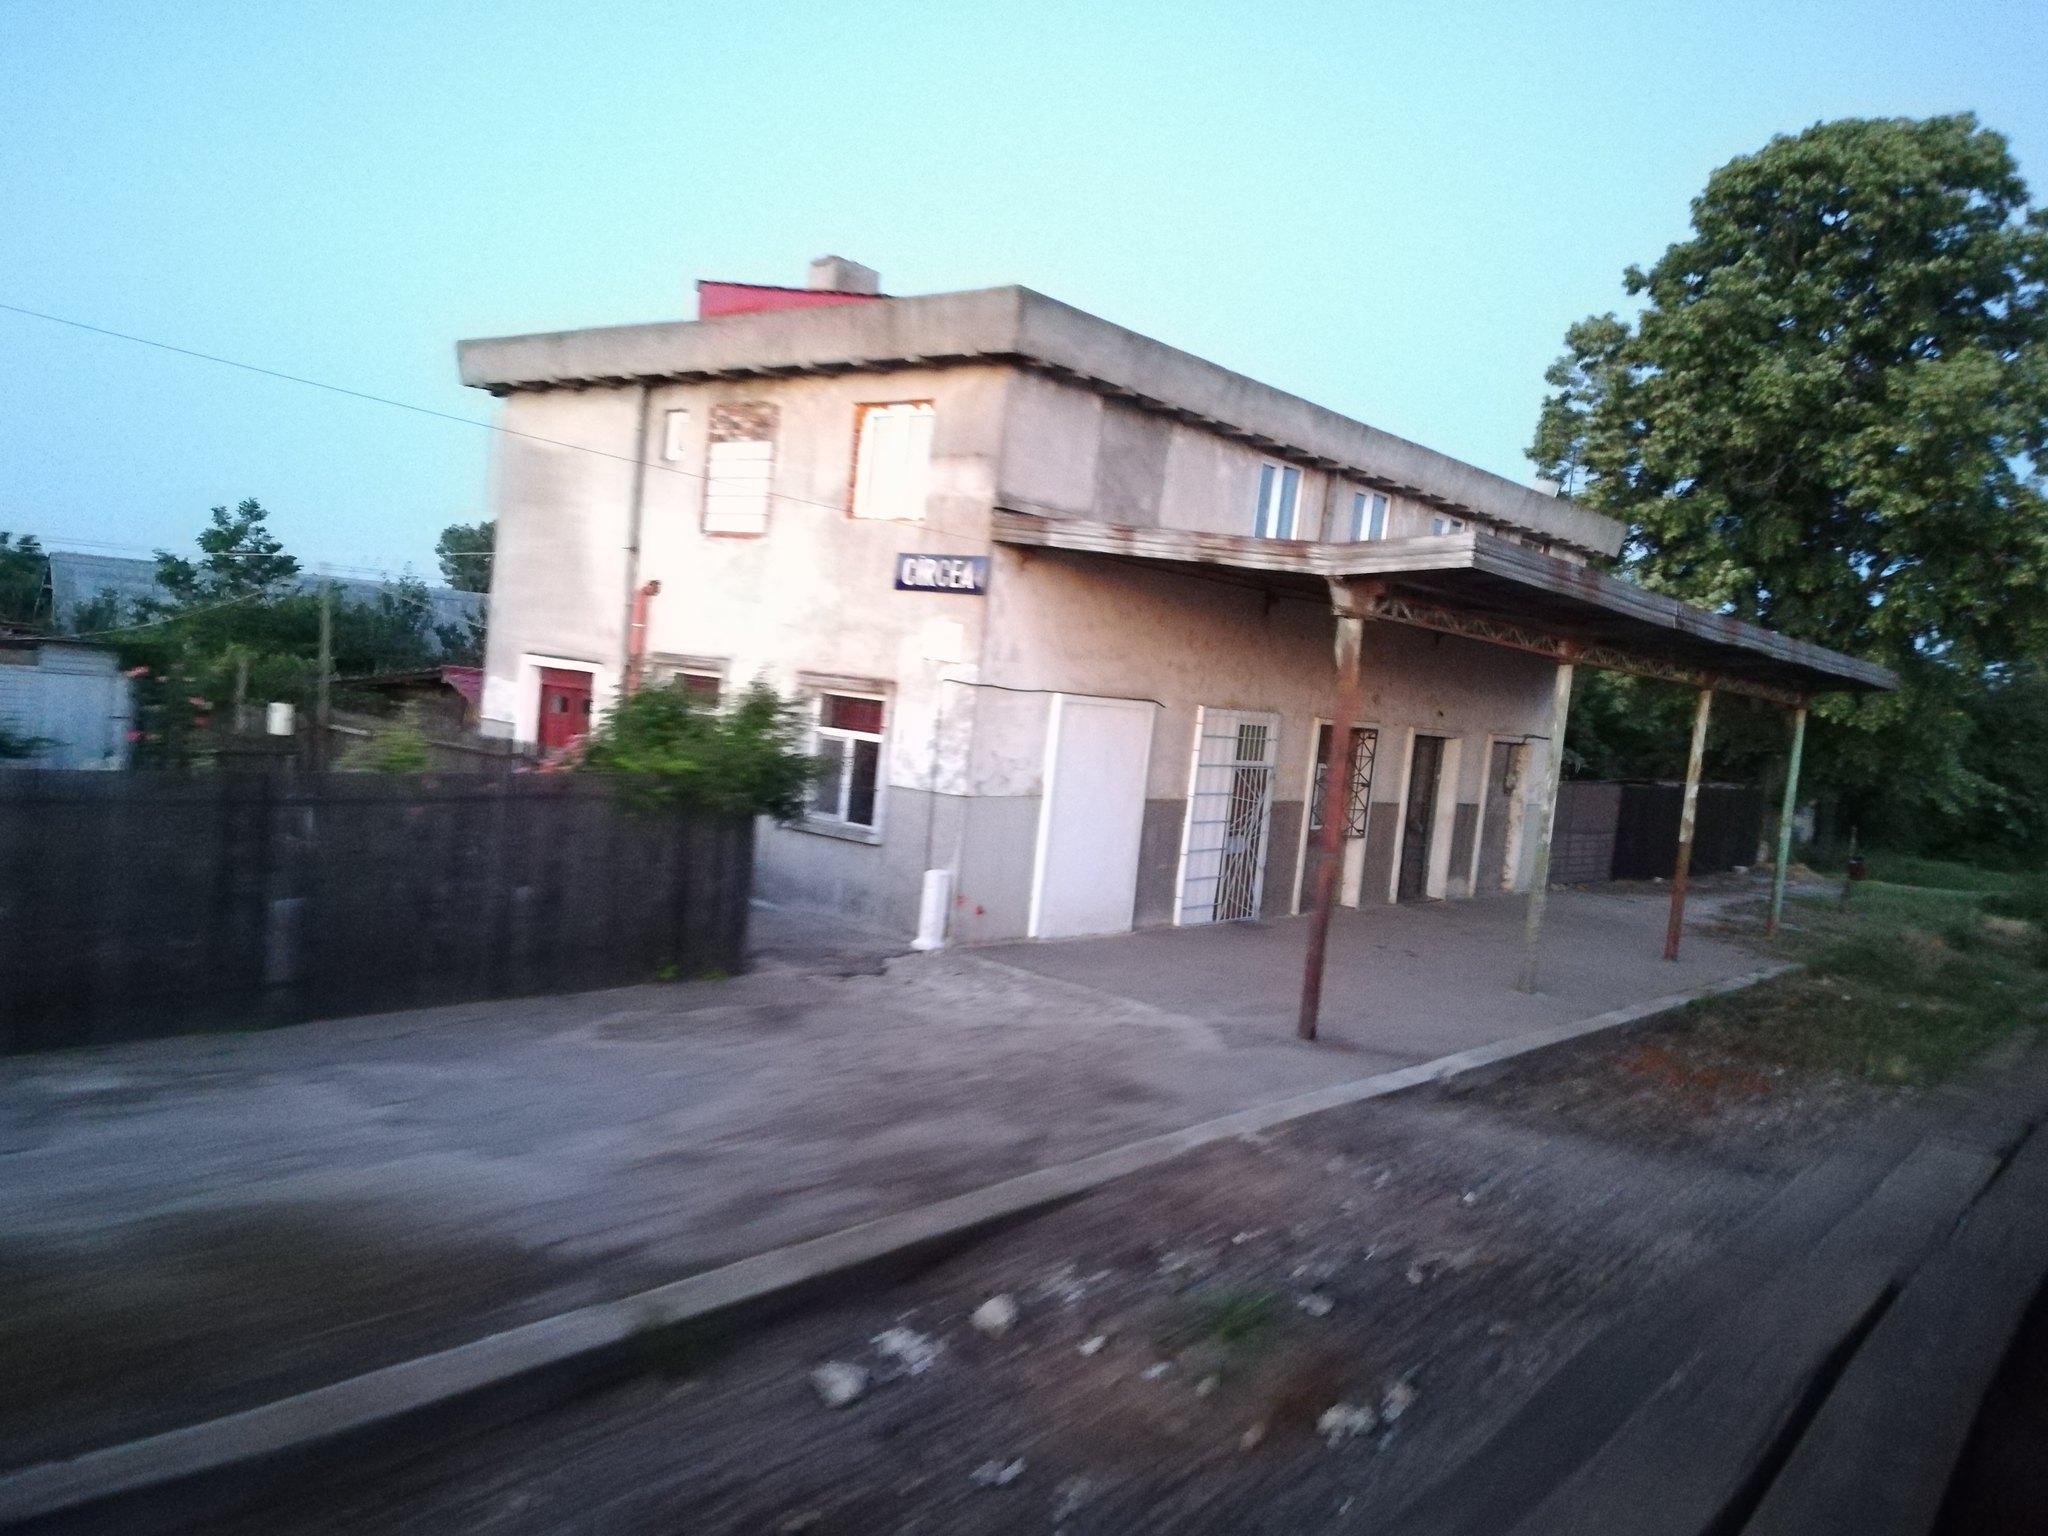 Reportaje feroviare Adirmvl - Pagina 15 44837211241_85f355054a_k